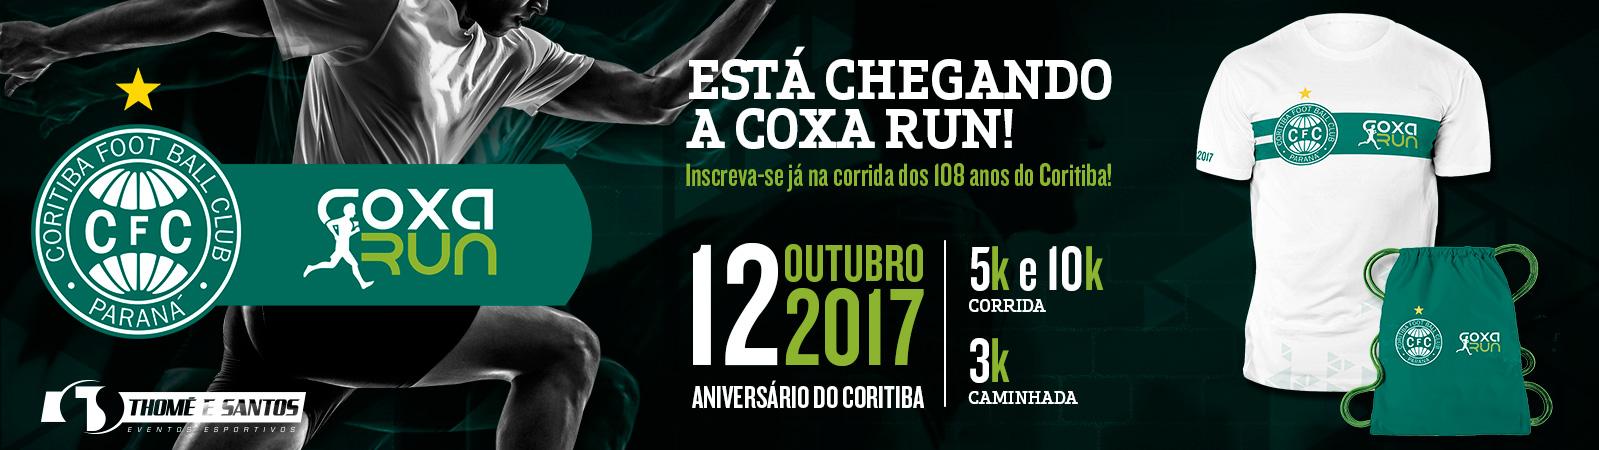 CORRIDA DO CORITIBA FOOTBALL CLUB - Imagem de topo